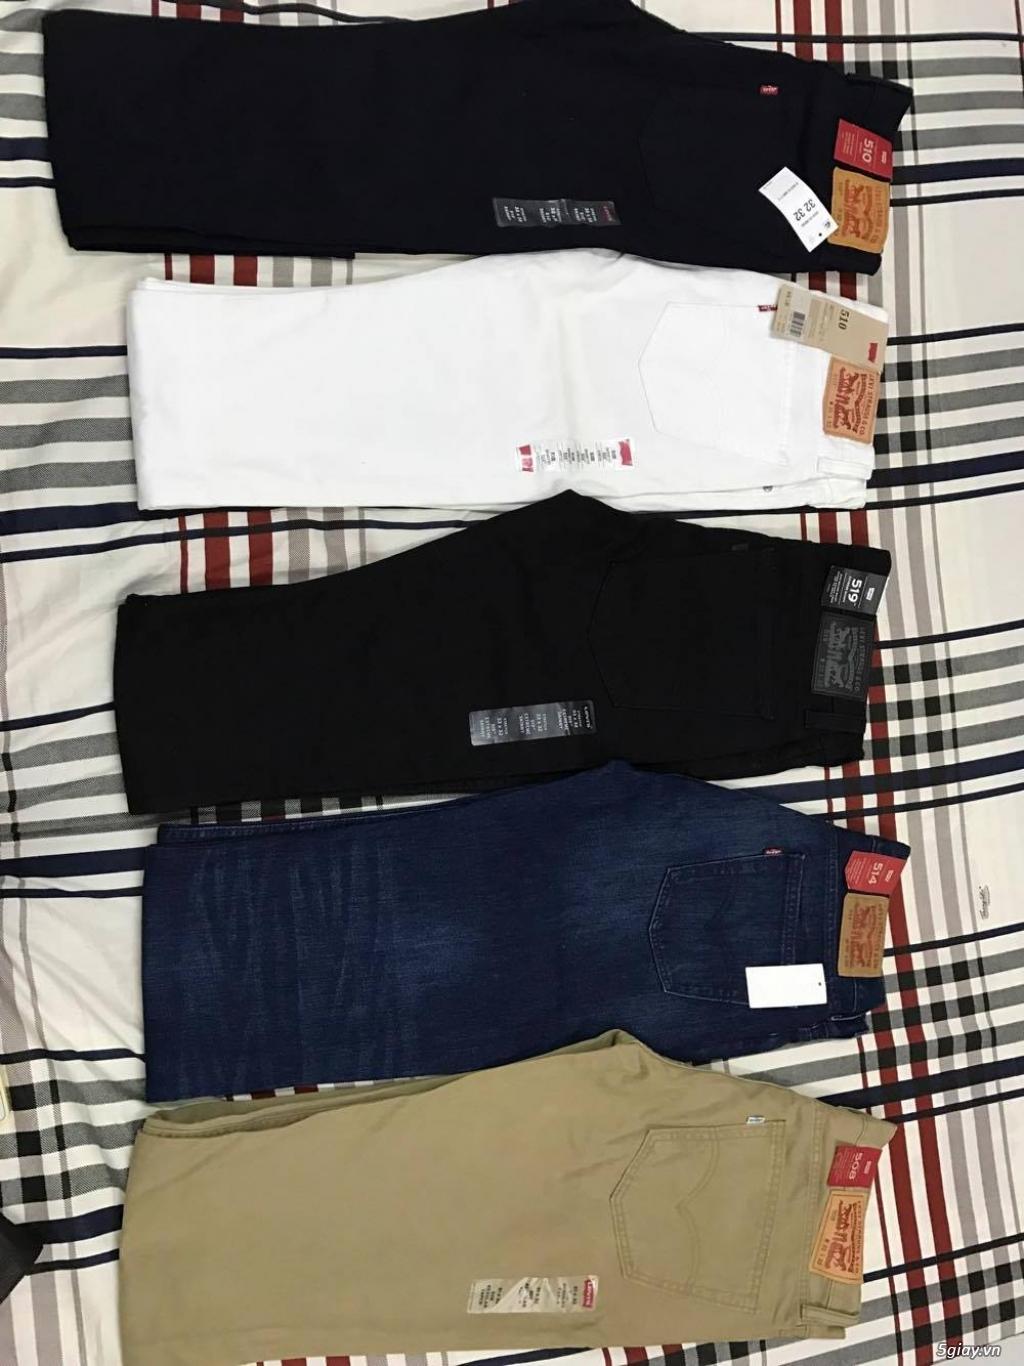 xả hàng quần áo levis chính hãng mới 100% còn tag. giá siêu rẻ - 1